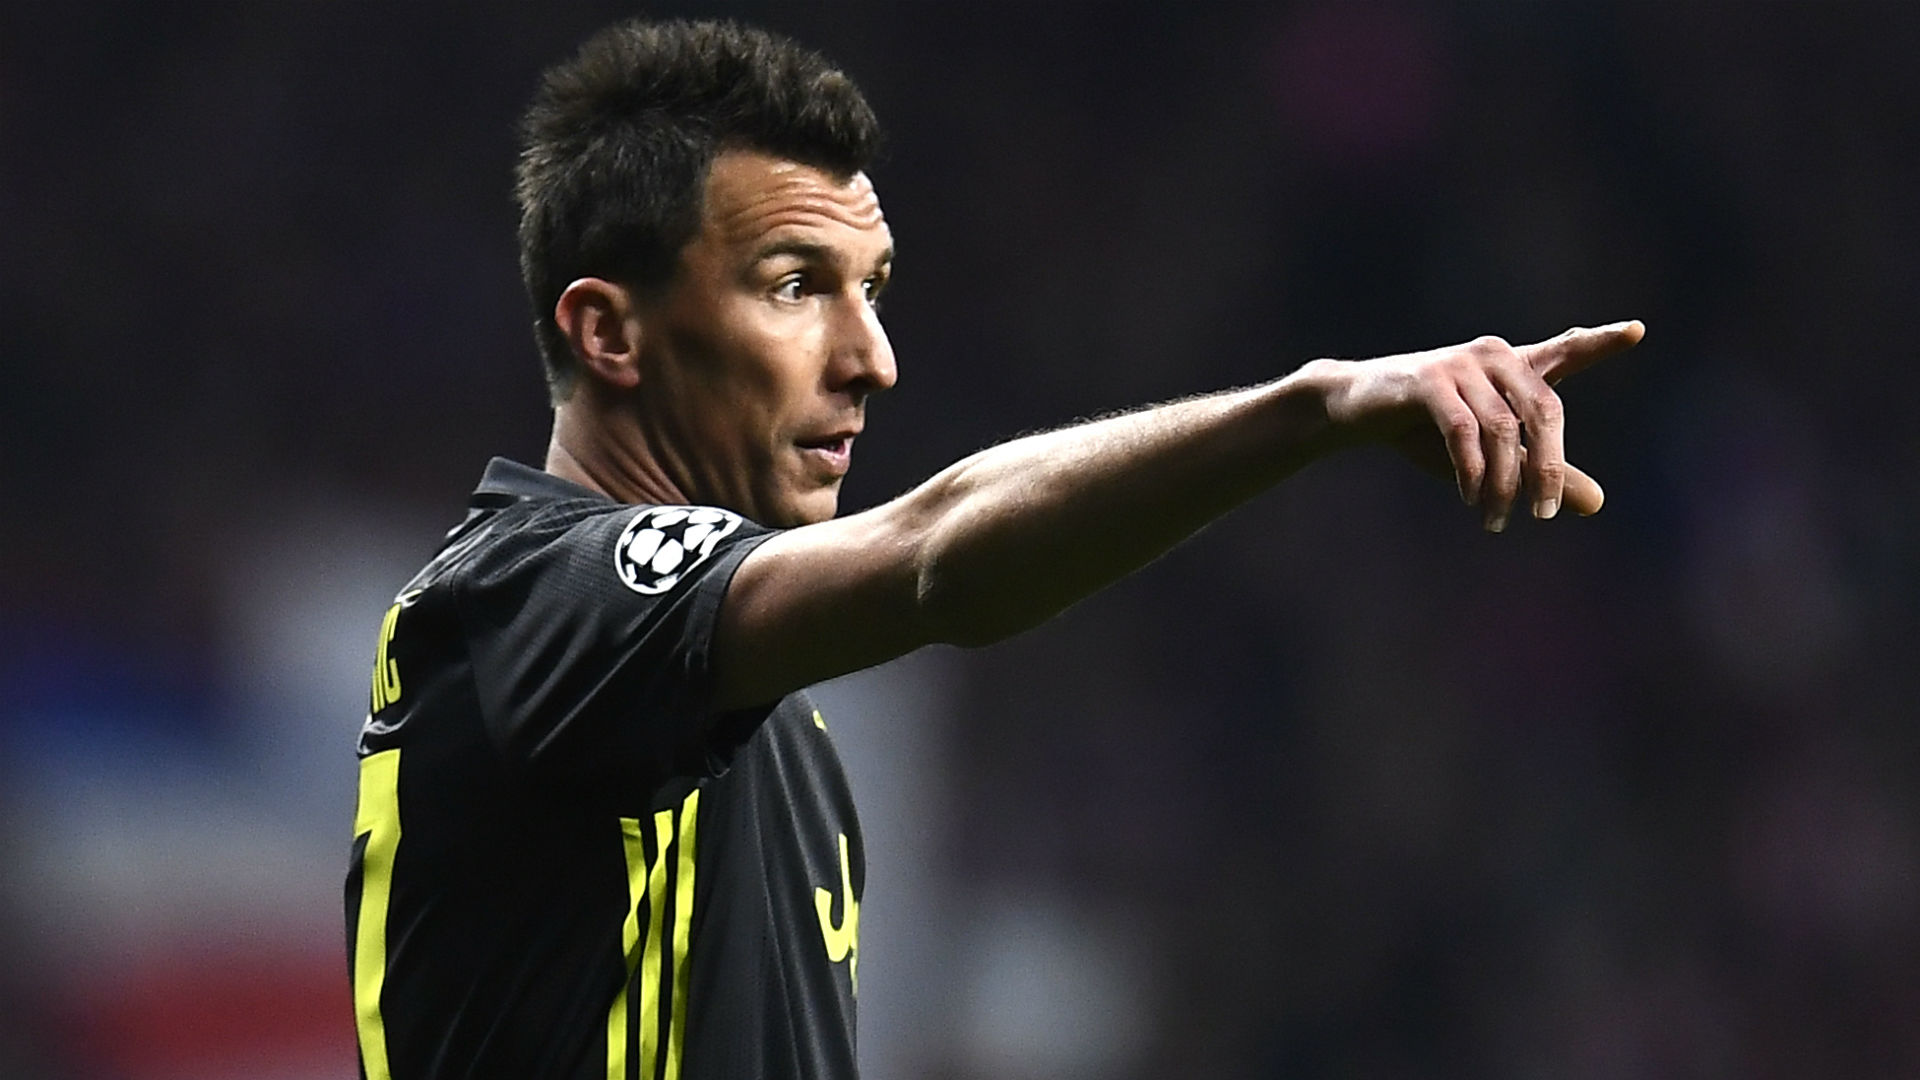 UFFICIALE: Juventus, Mario Mandzukic ha rinnovato fino al 2021